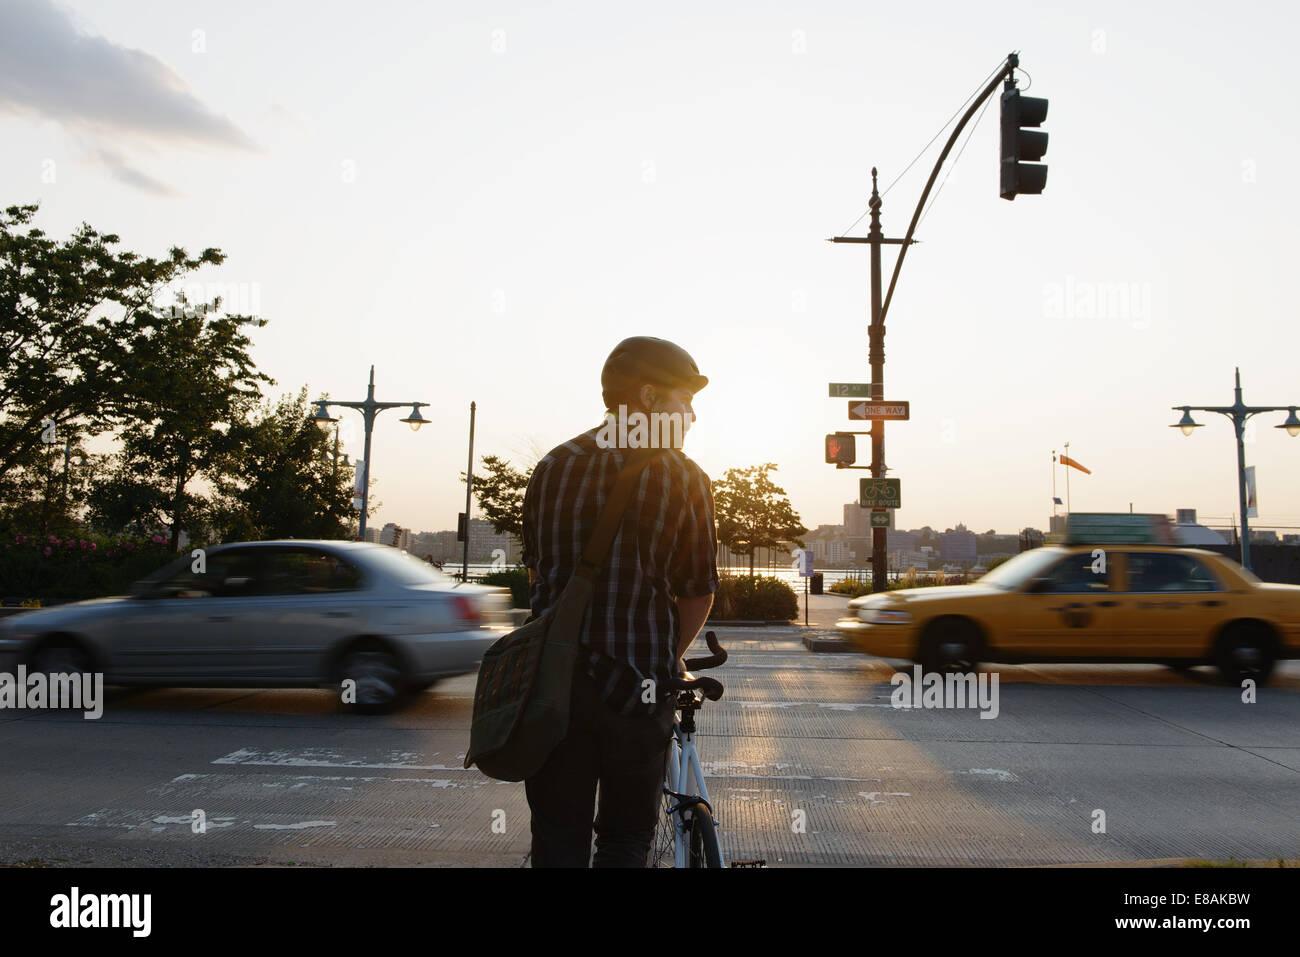 Ciclo maschio messenger in attesa di attraversare una strada trafficata Immagini Stock